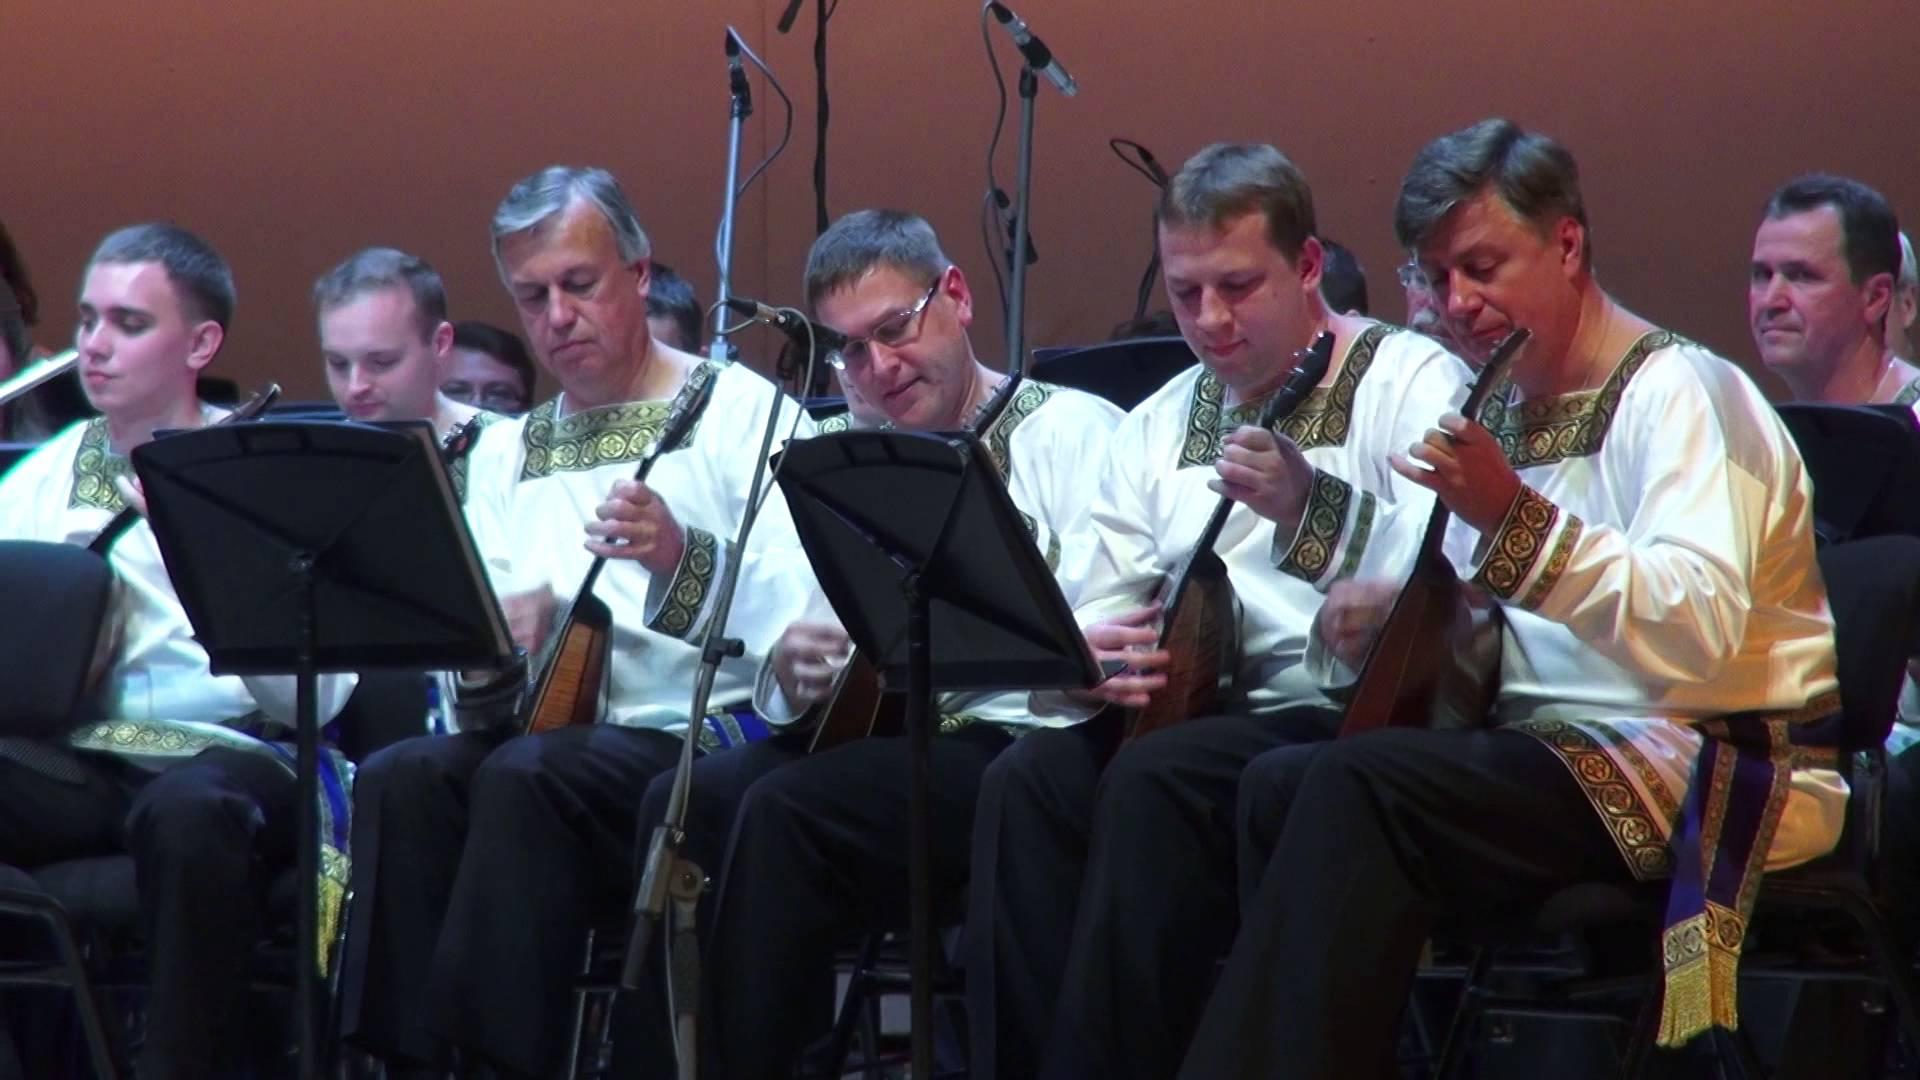 Вологодский оркестр исполнит на народных инструментах песни групп «Nirvana», «Metallica» и «ABBA»